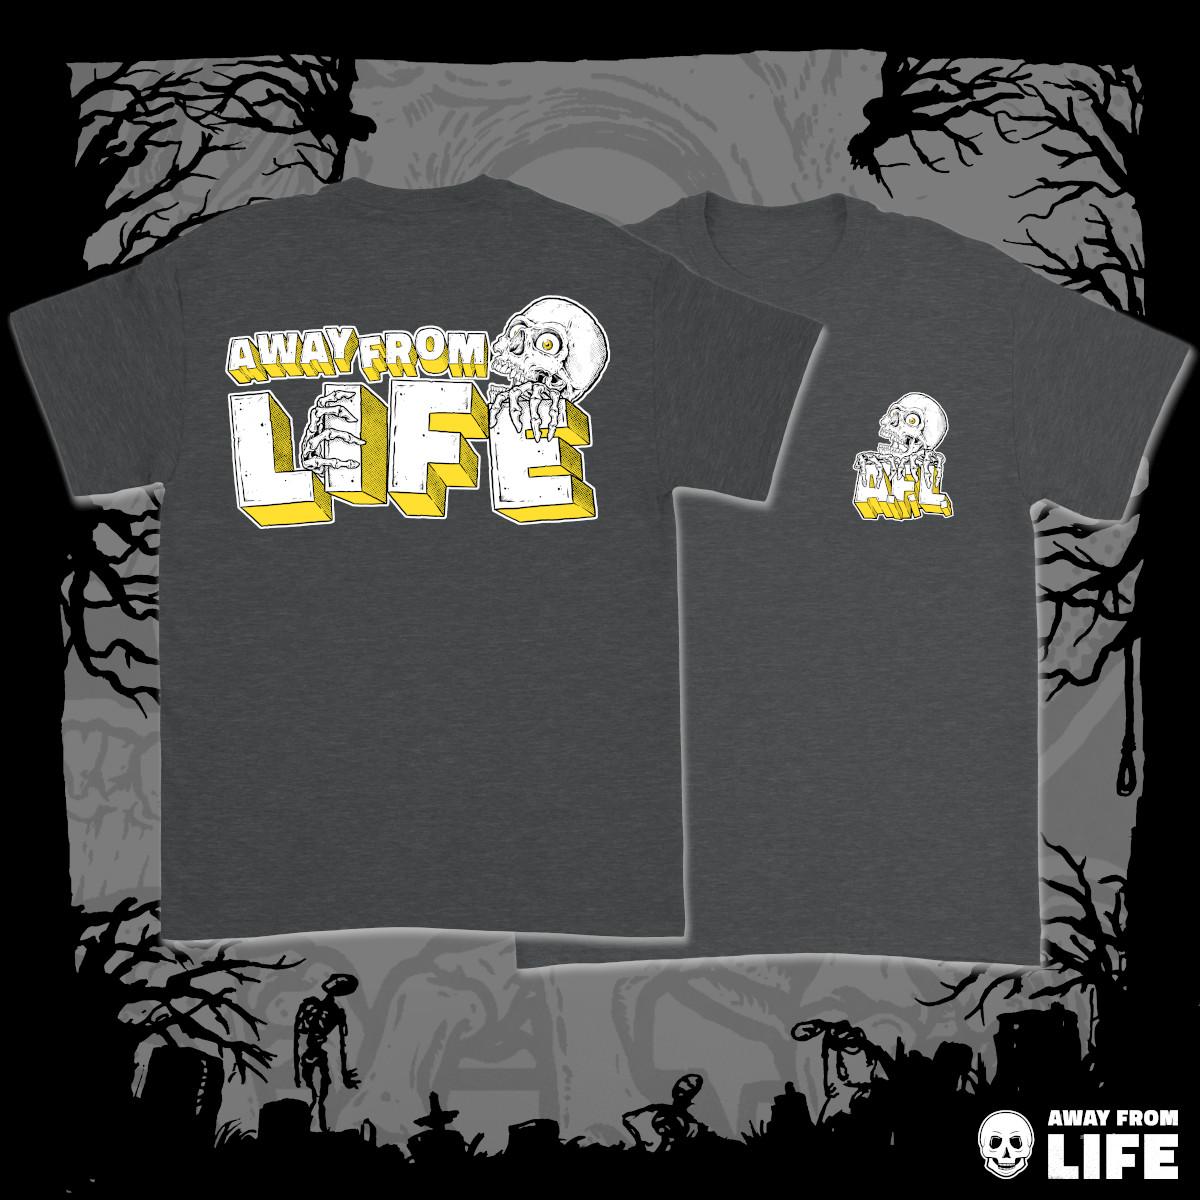 AWAY FROM LIFE - Reaper [dunklelgraues T-Shirt, zweiseitig mehrfarbig bedruckt]